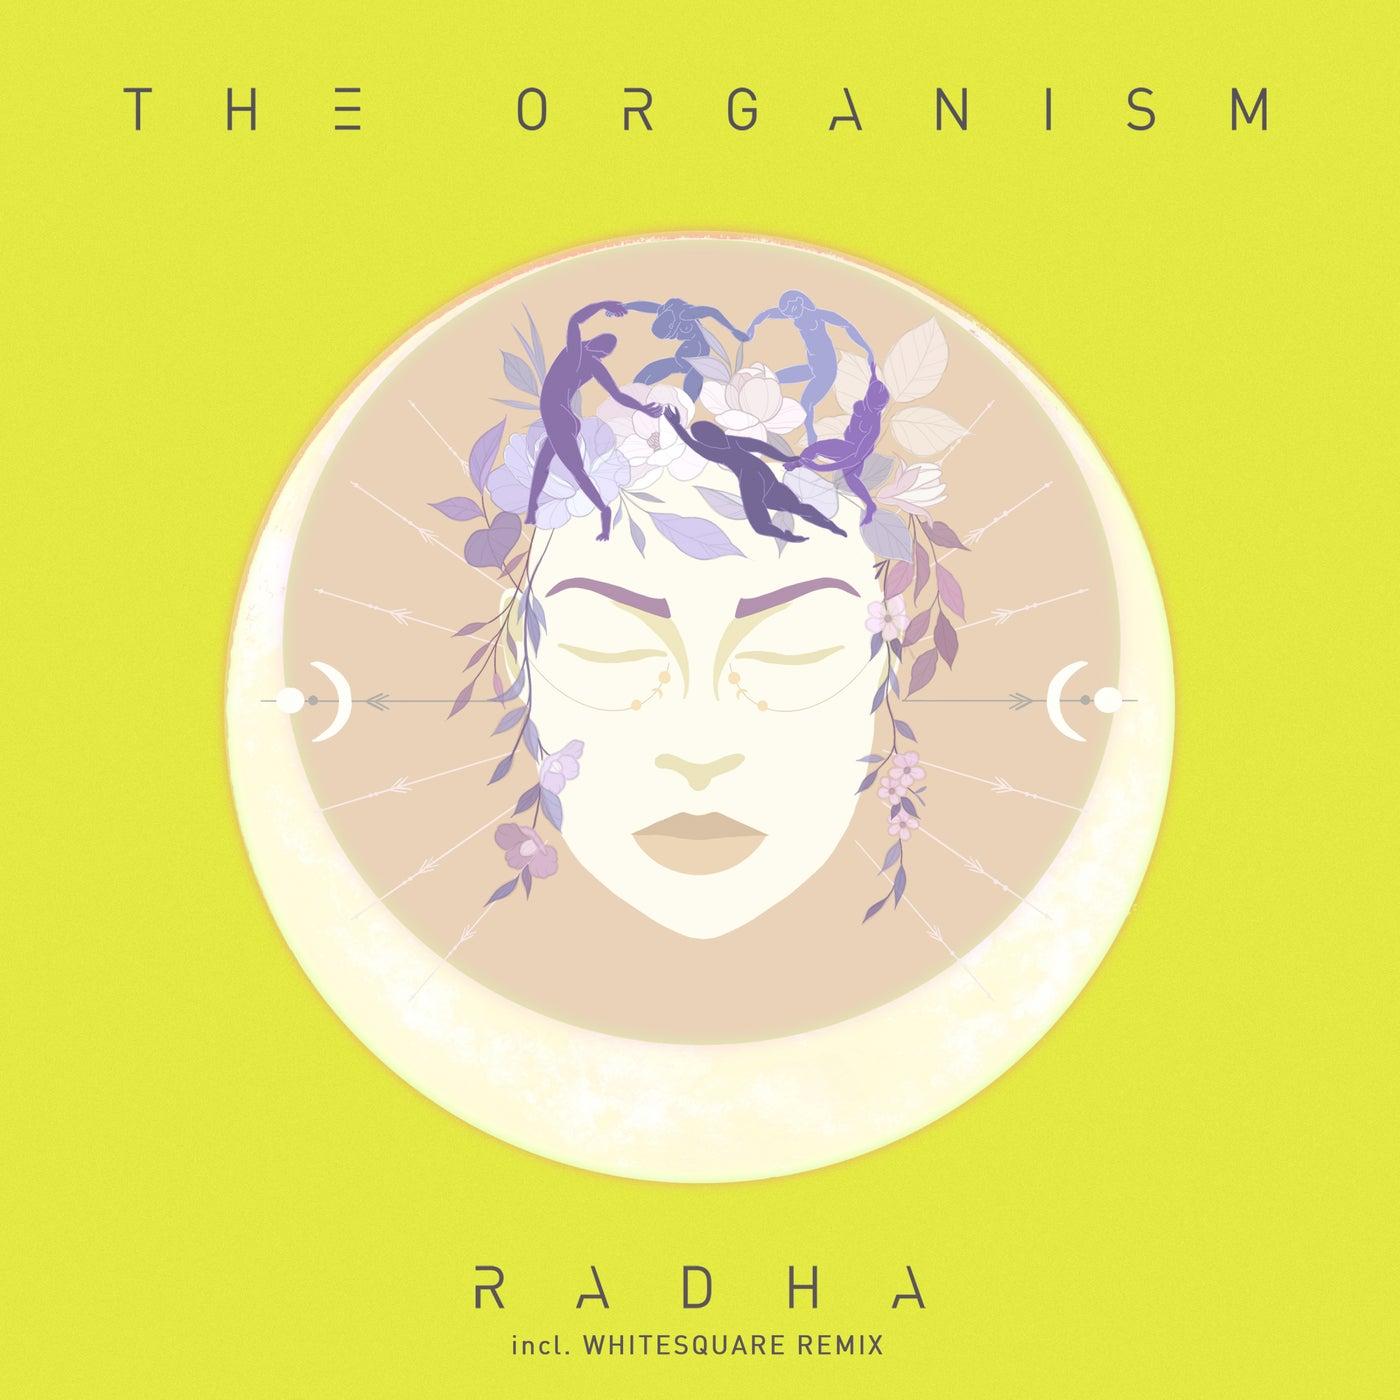 Radha (Whitesquare Remix)